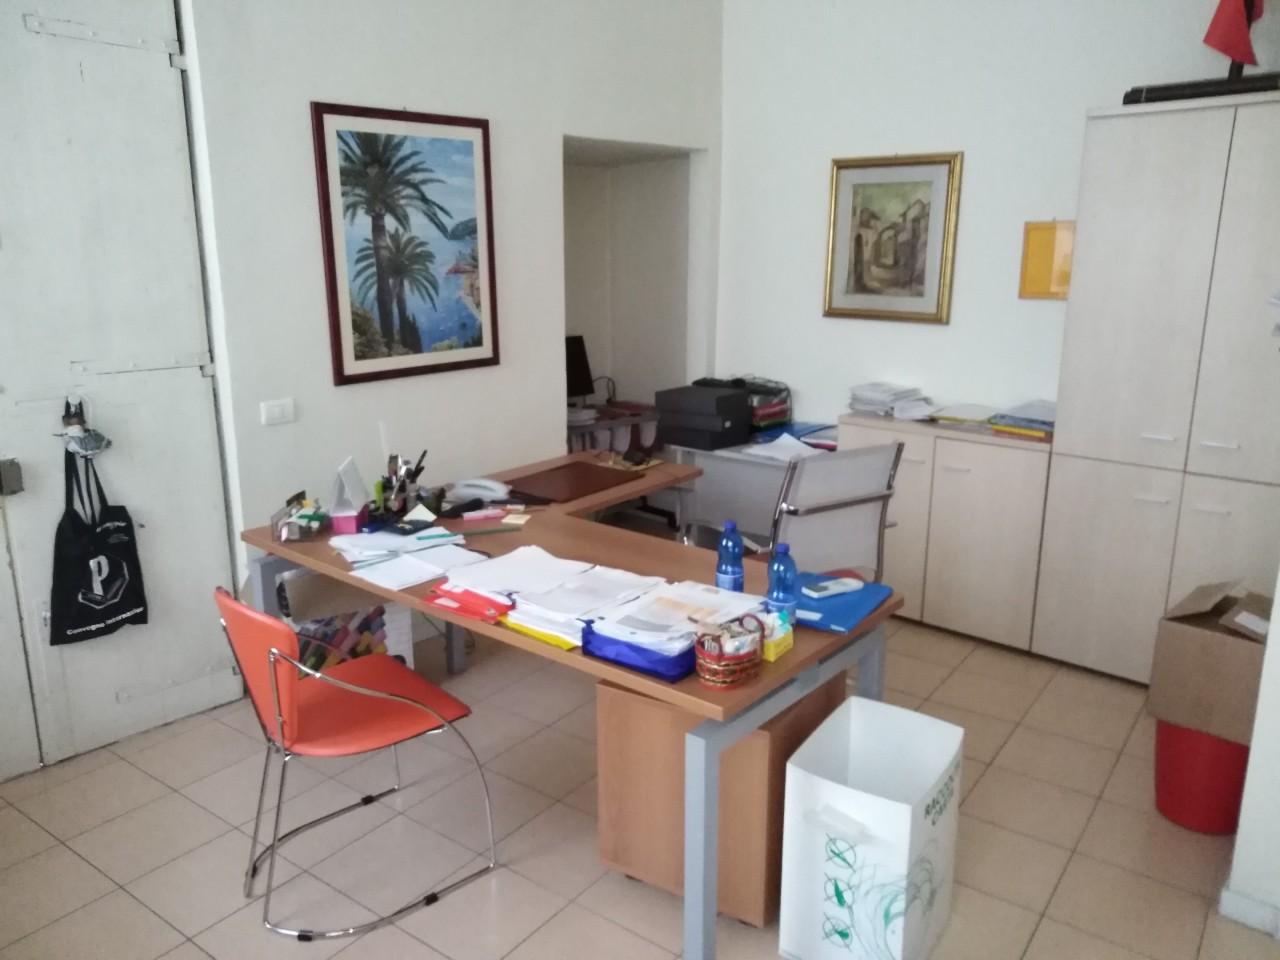 Casale Monferrato zona centro storico affittasi ufficio ristrutturato  di 240 mq